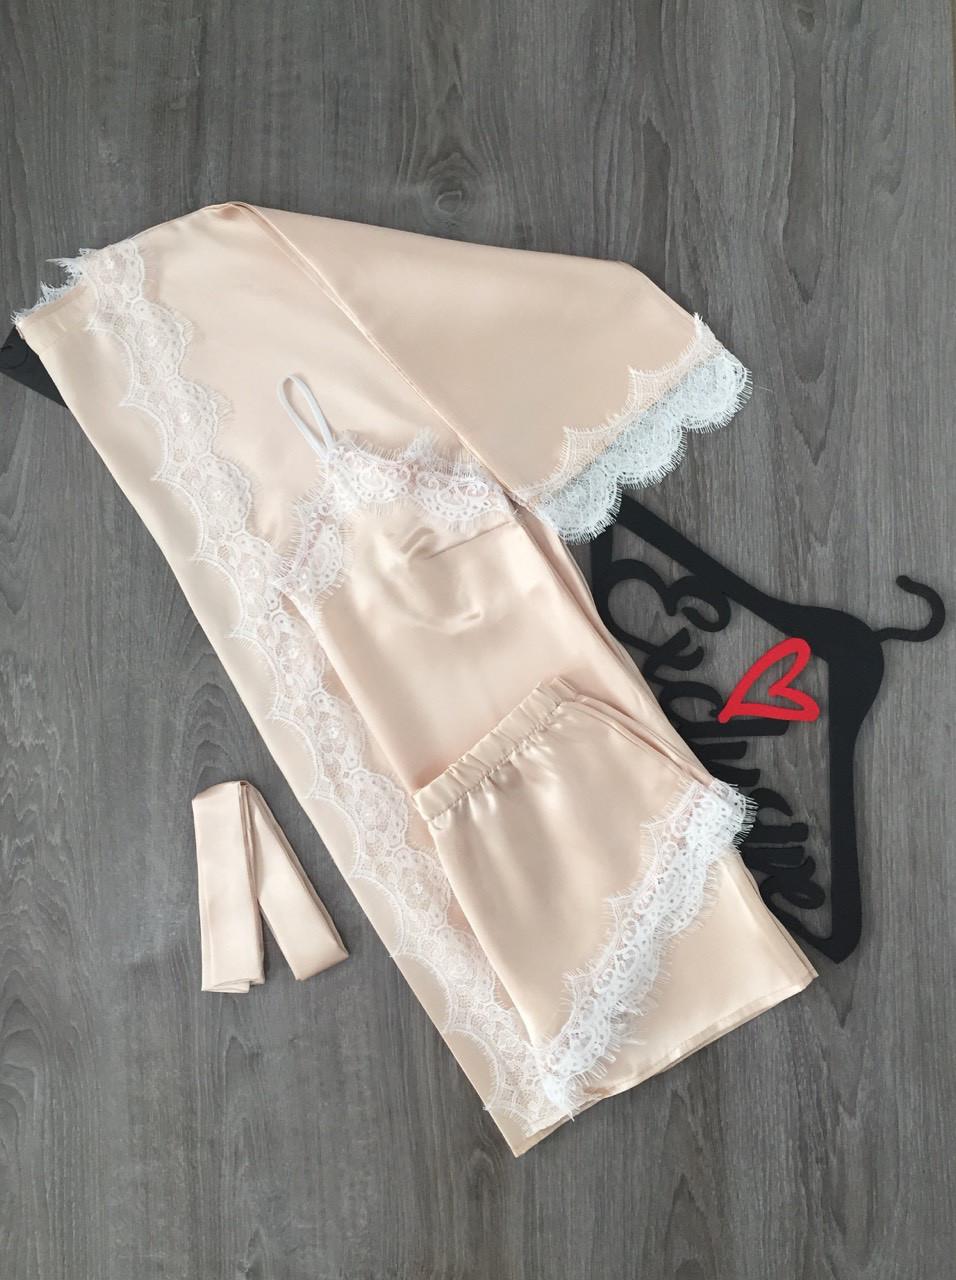 Нежный атласный комплект, женская одежда для дома и сна ТМ Exclusive